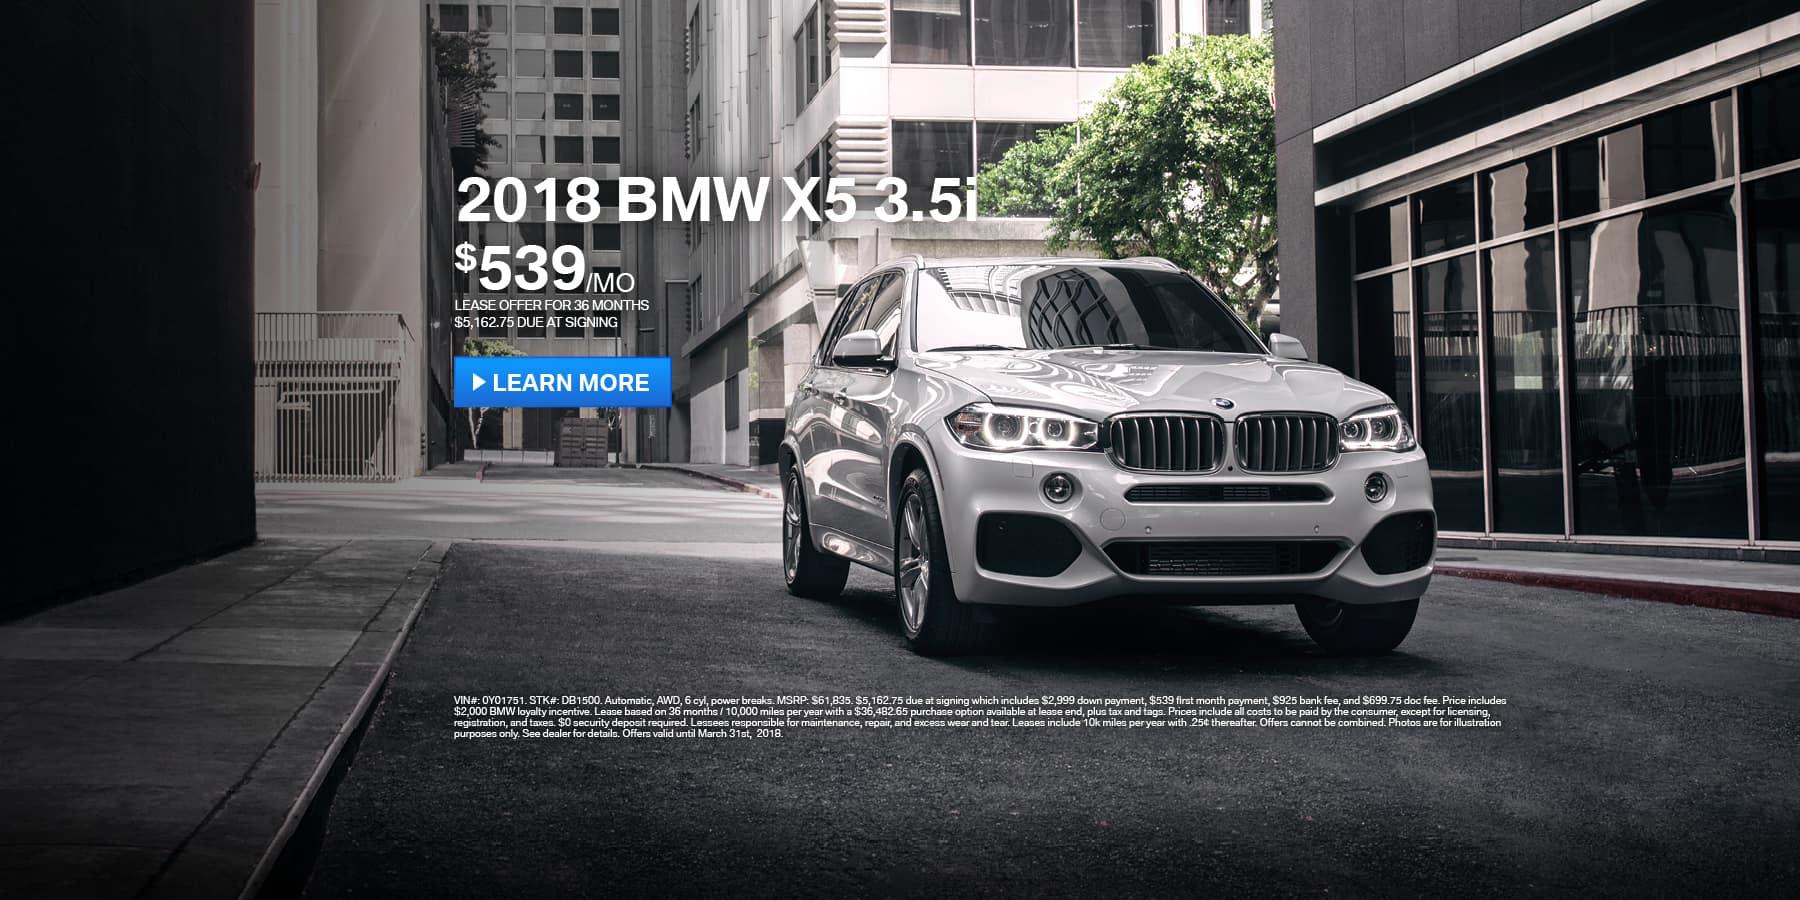 2018 BMW_X5